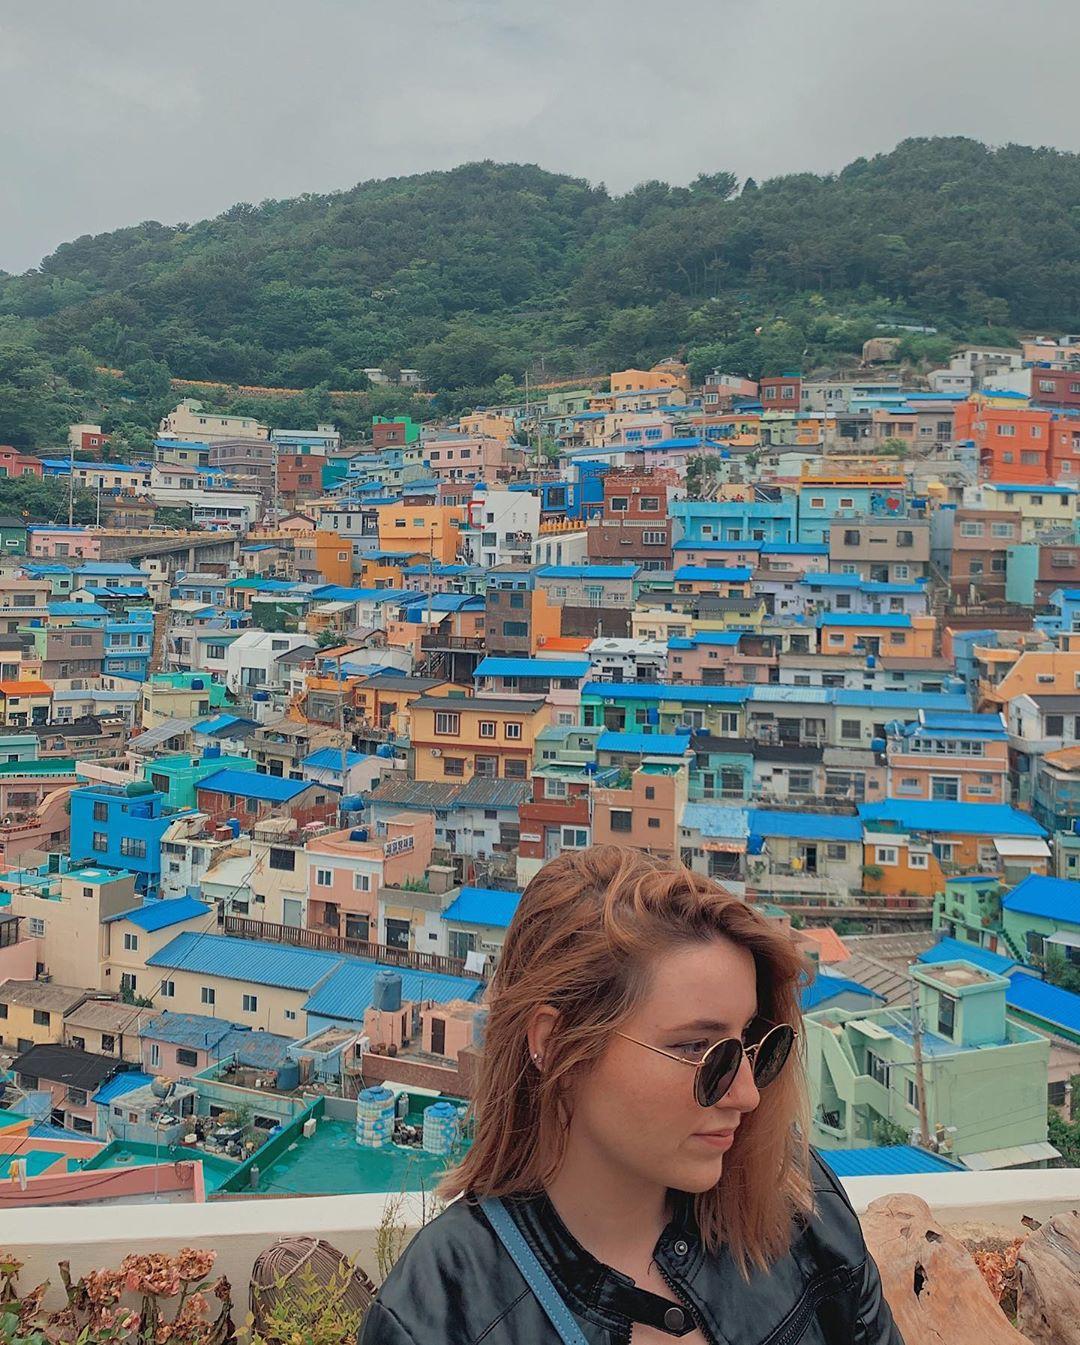 Làng cổ Gamcheon: Từ một khu ổ chuột trở thành Santorini của Hàn Quốc - Ảnh 13.